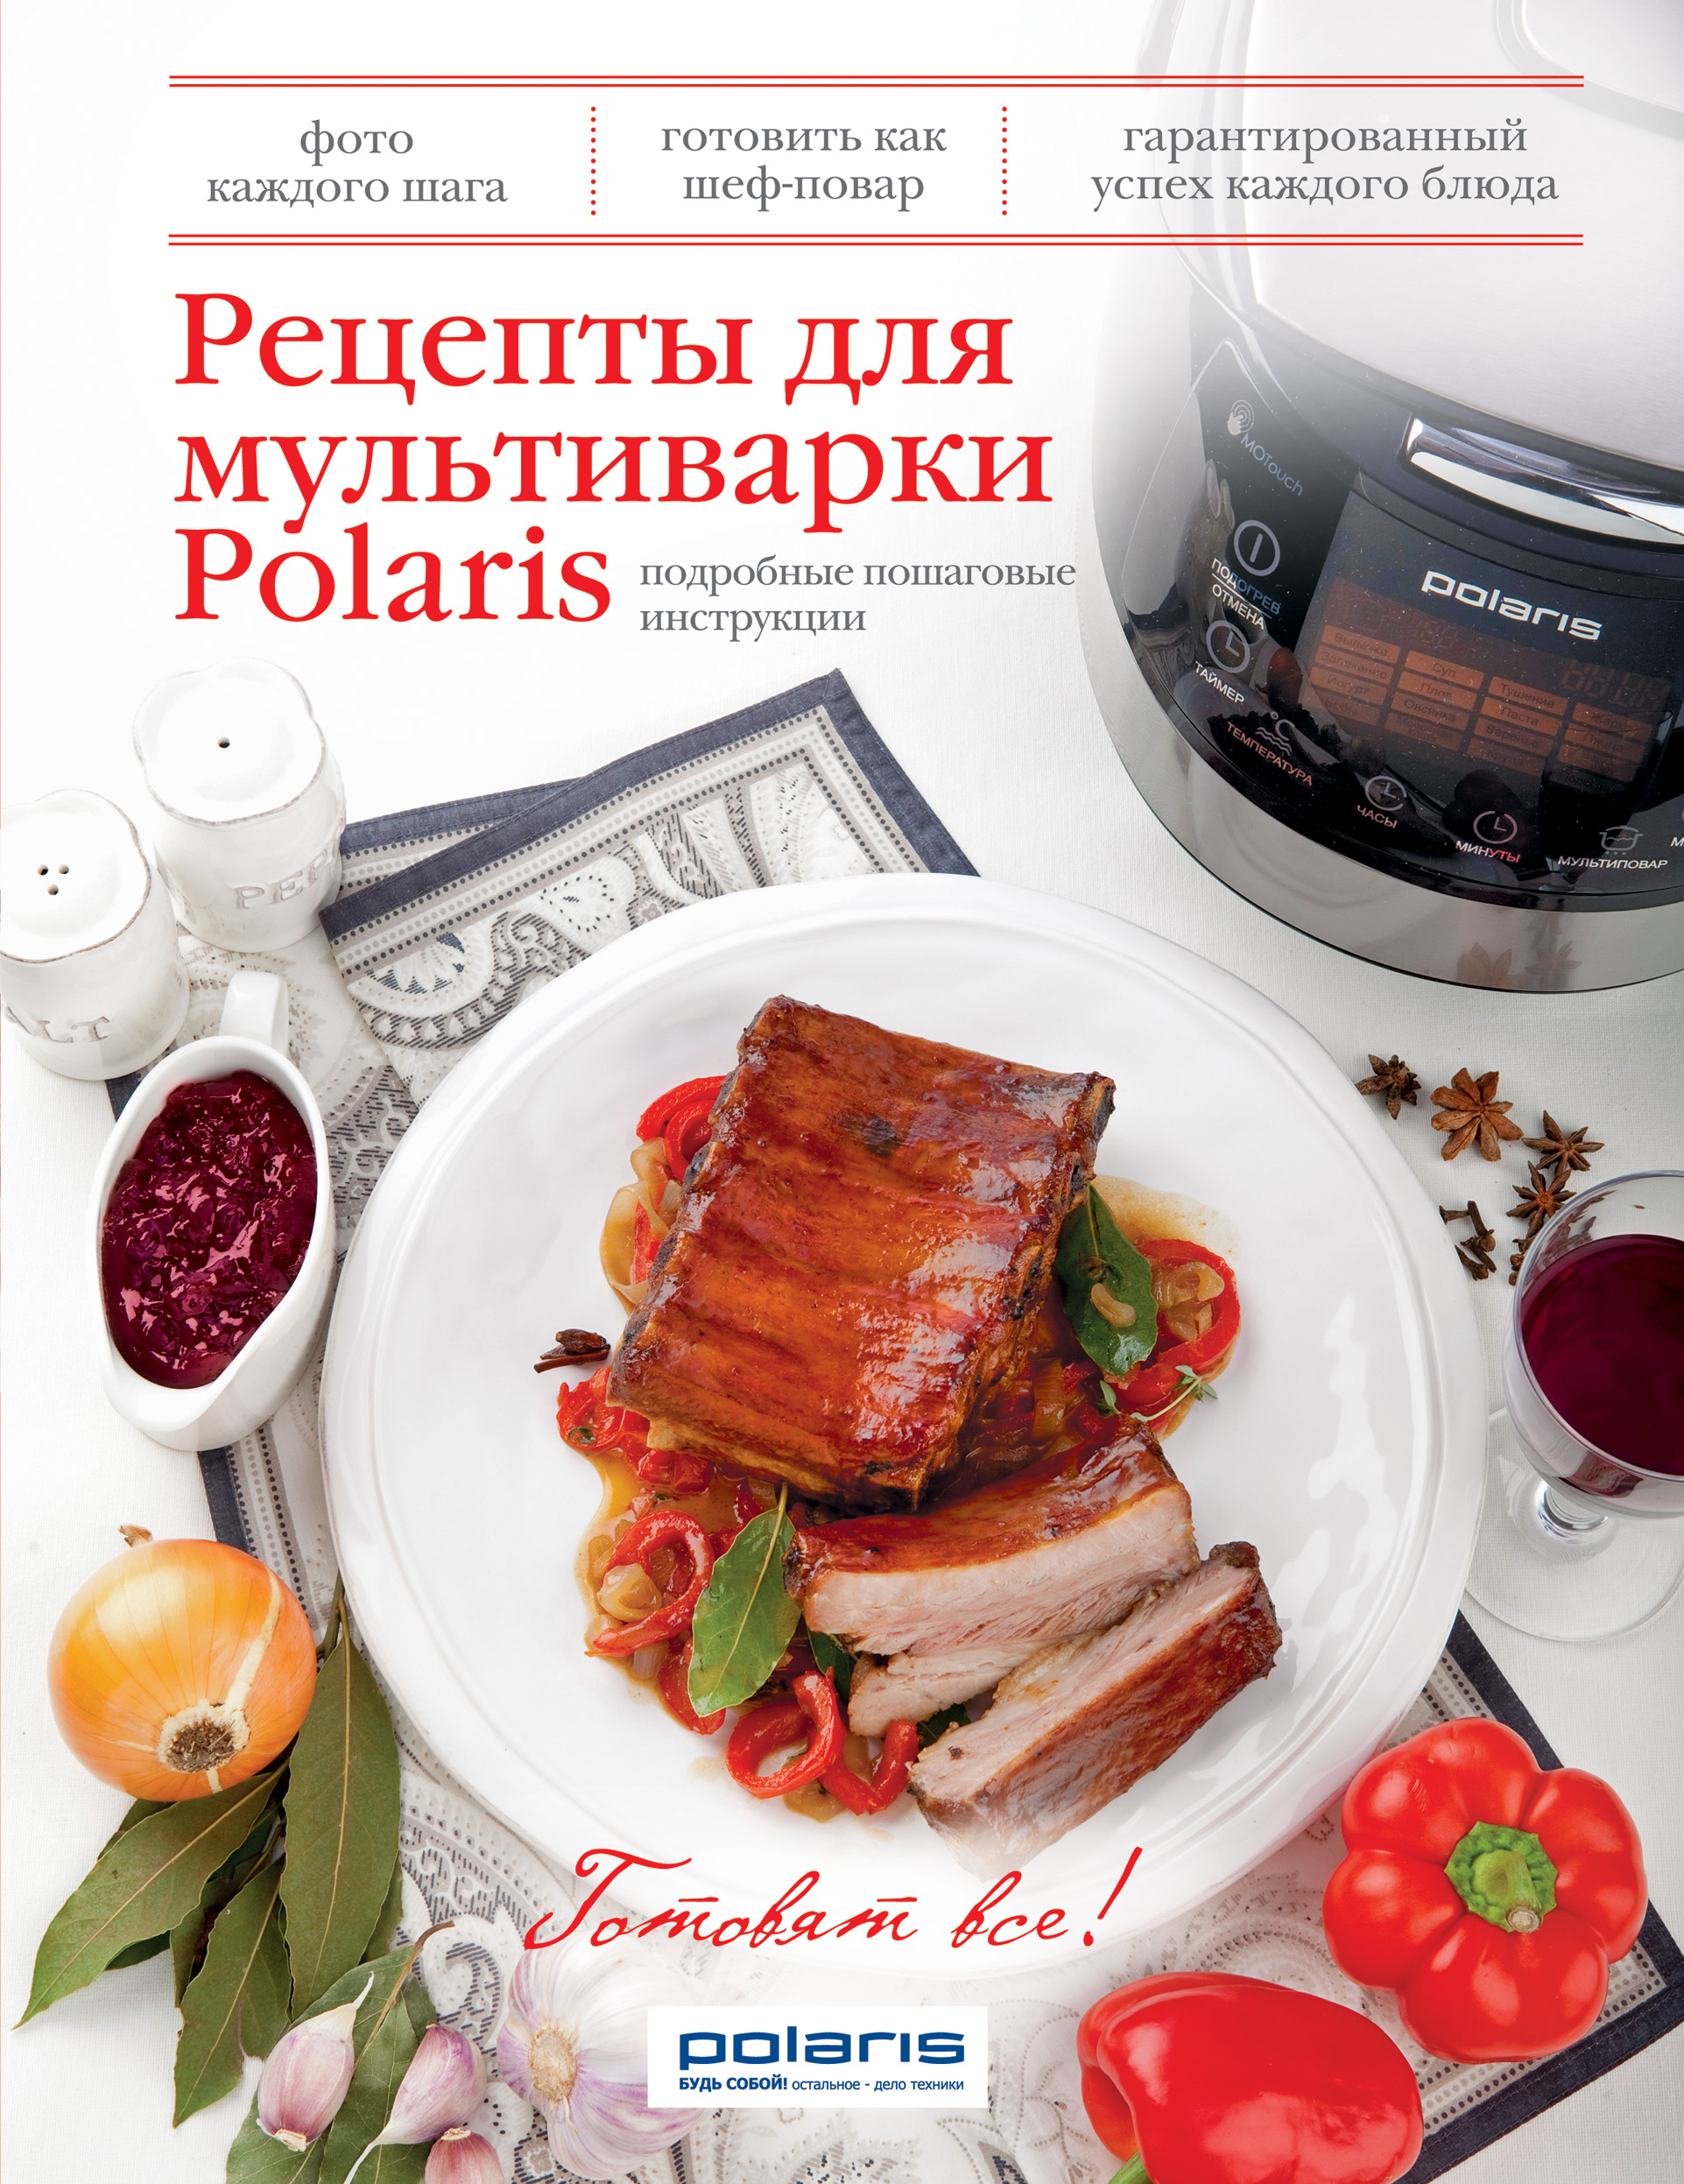 Рецепты для мультиварки Polaris рецепты для мультиварки polaris